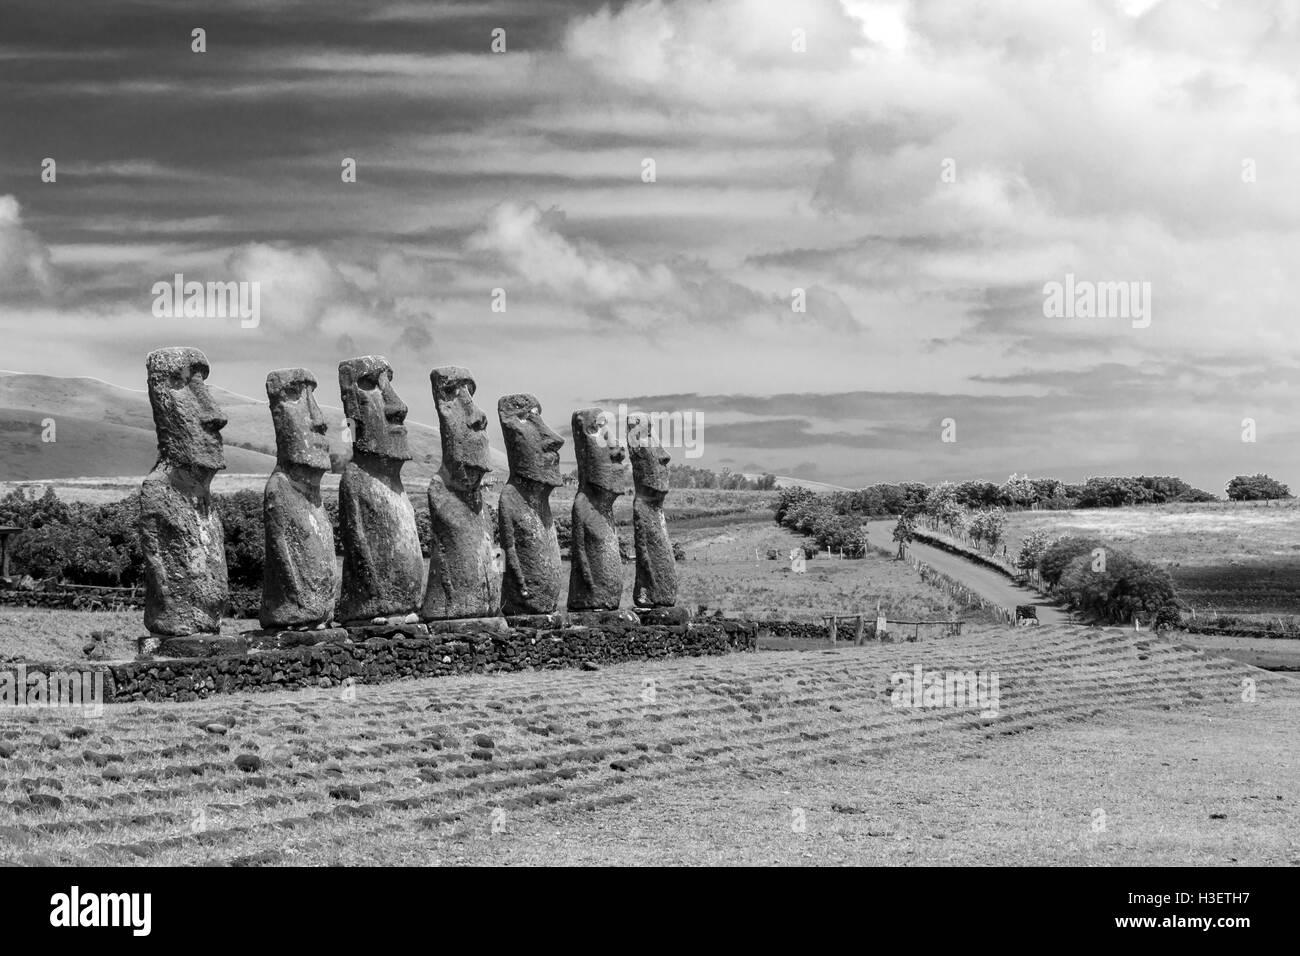 Foto in bianco e nero di moai statue a Ahu Akivi sull isola di pasqua in Cile Immagini Stock